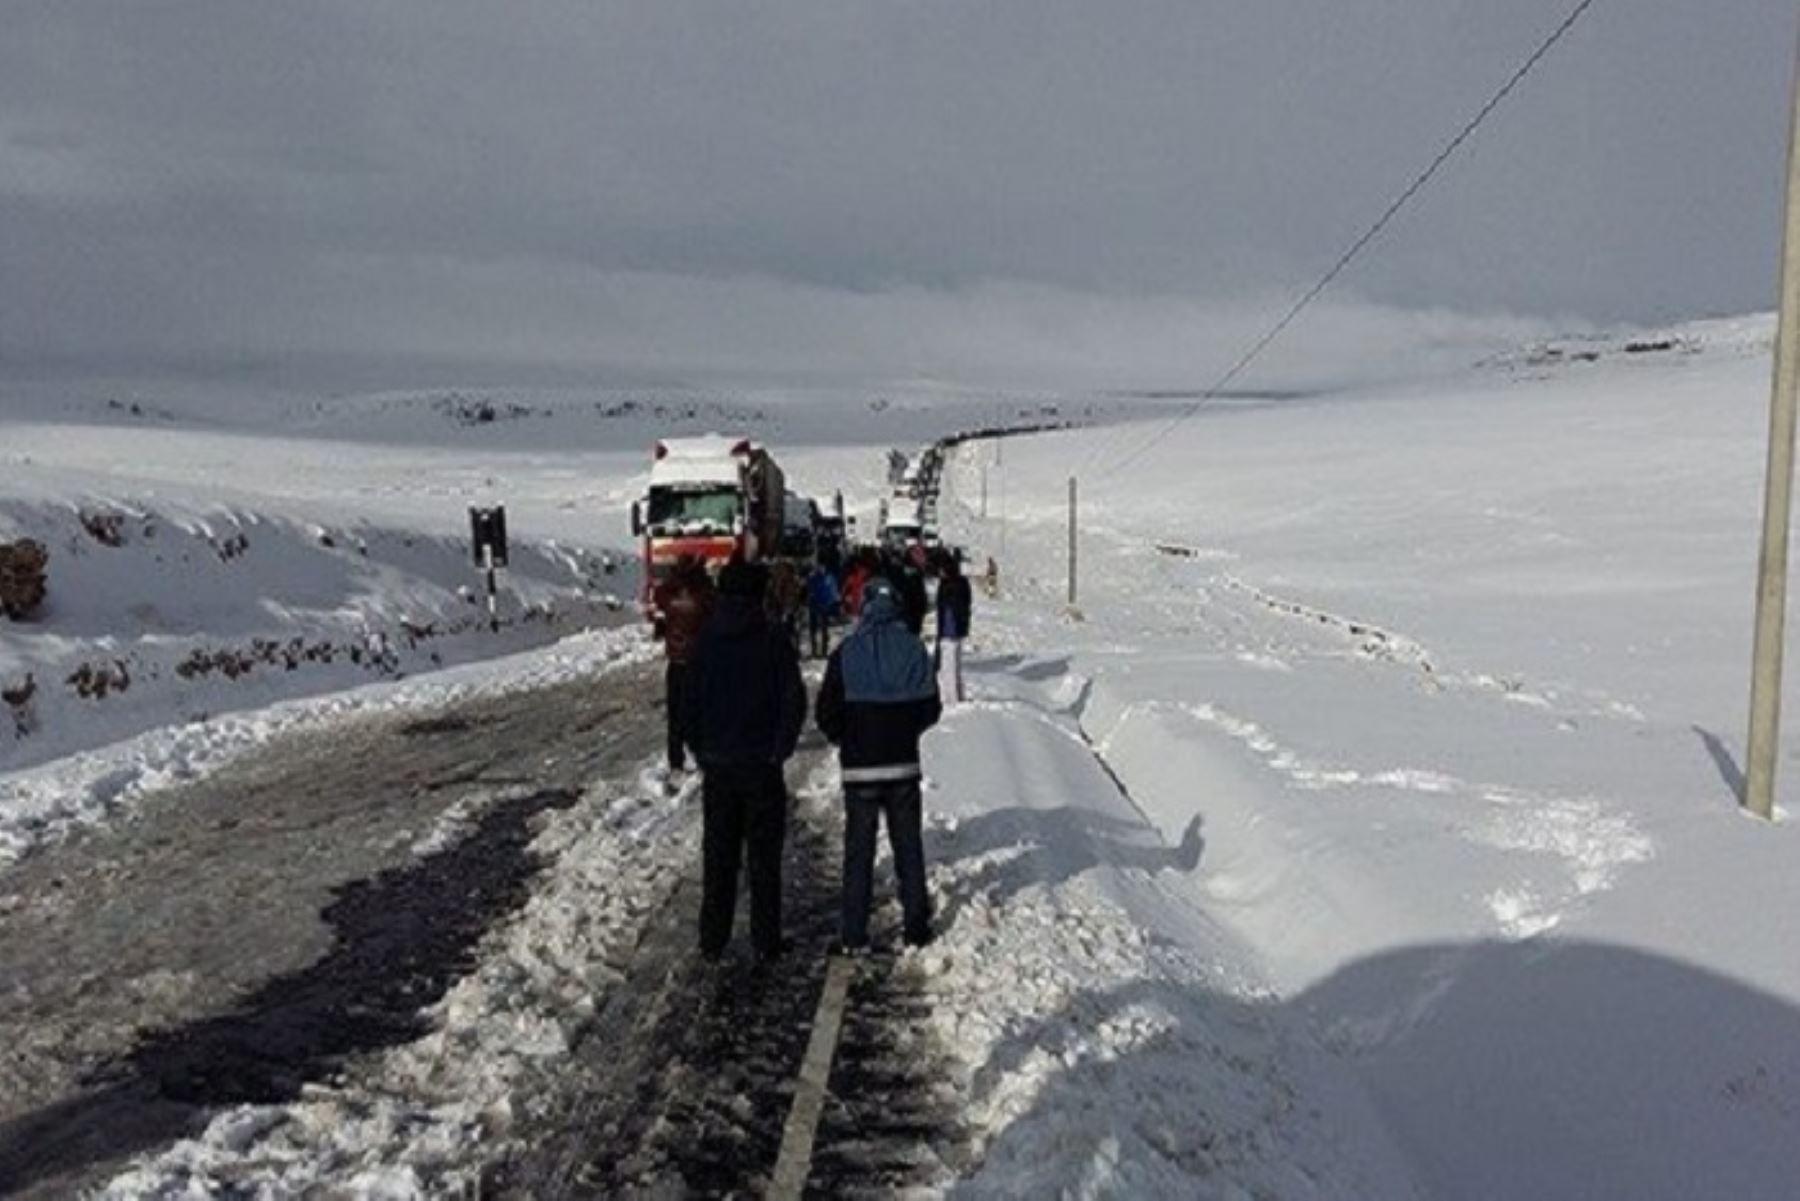 mañana se presentarán nevadas intensas en las zonas altas, las cuales podría superar los 20 centímetros de altura, generando algunos inconvenientes en el tránsito vehicular .